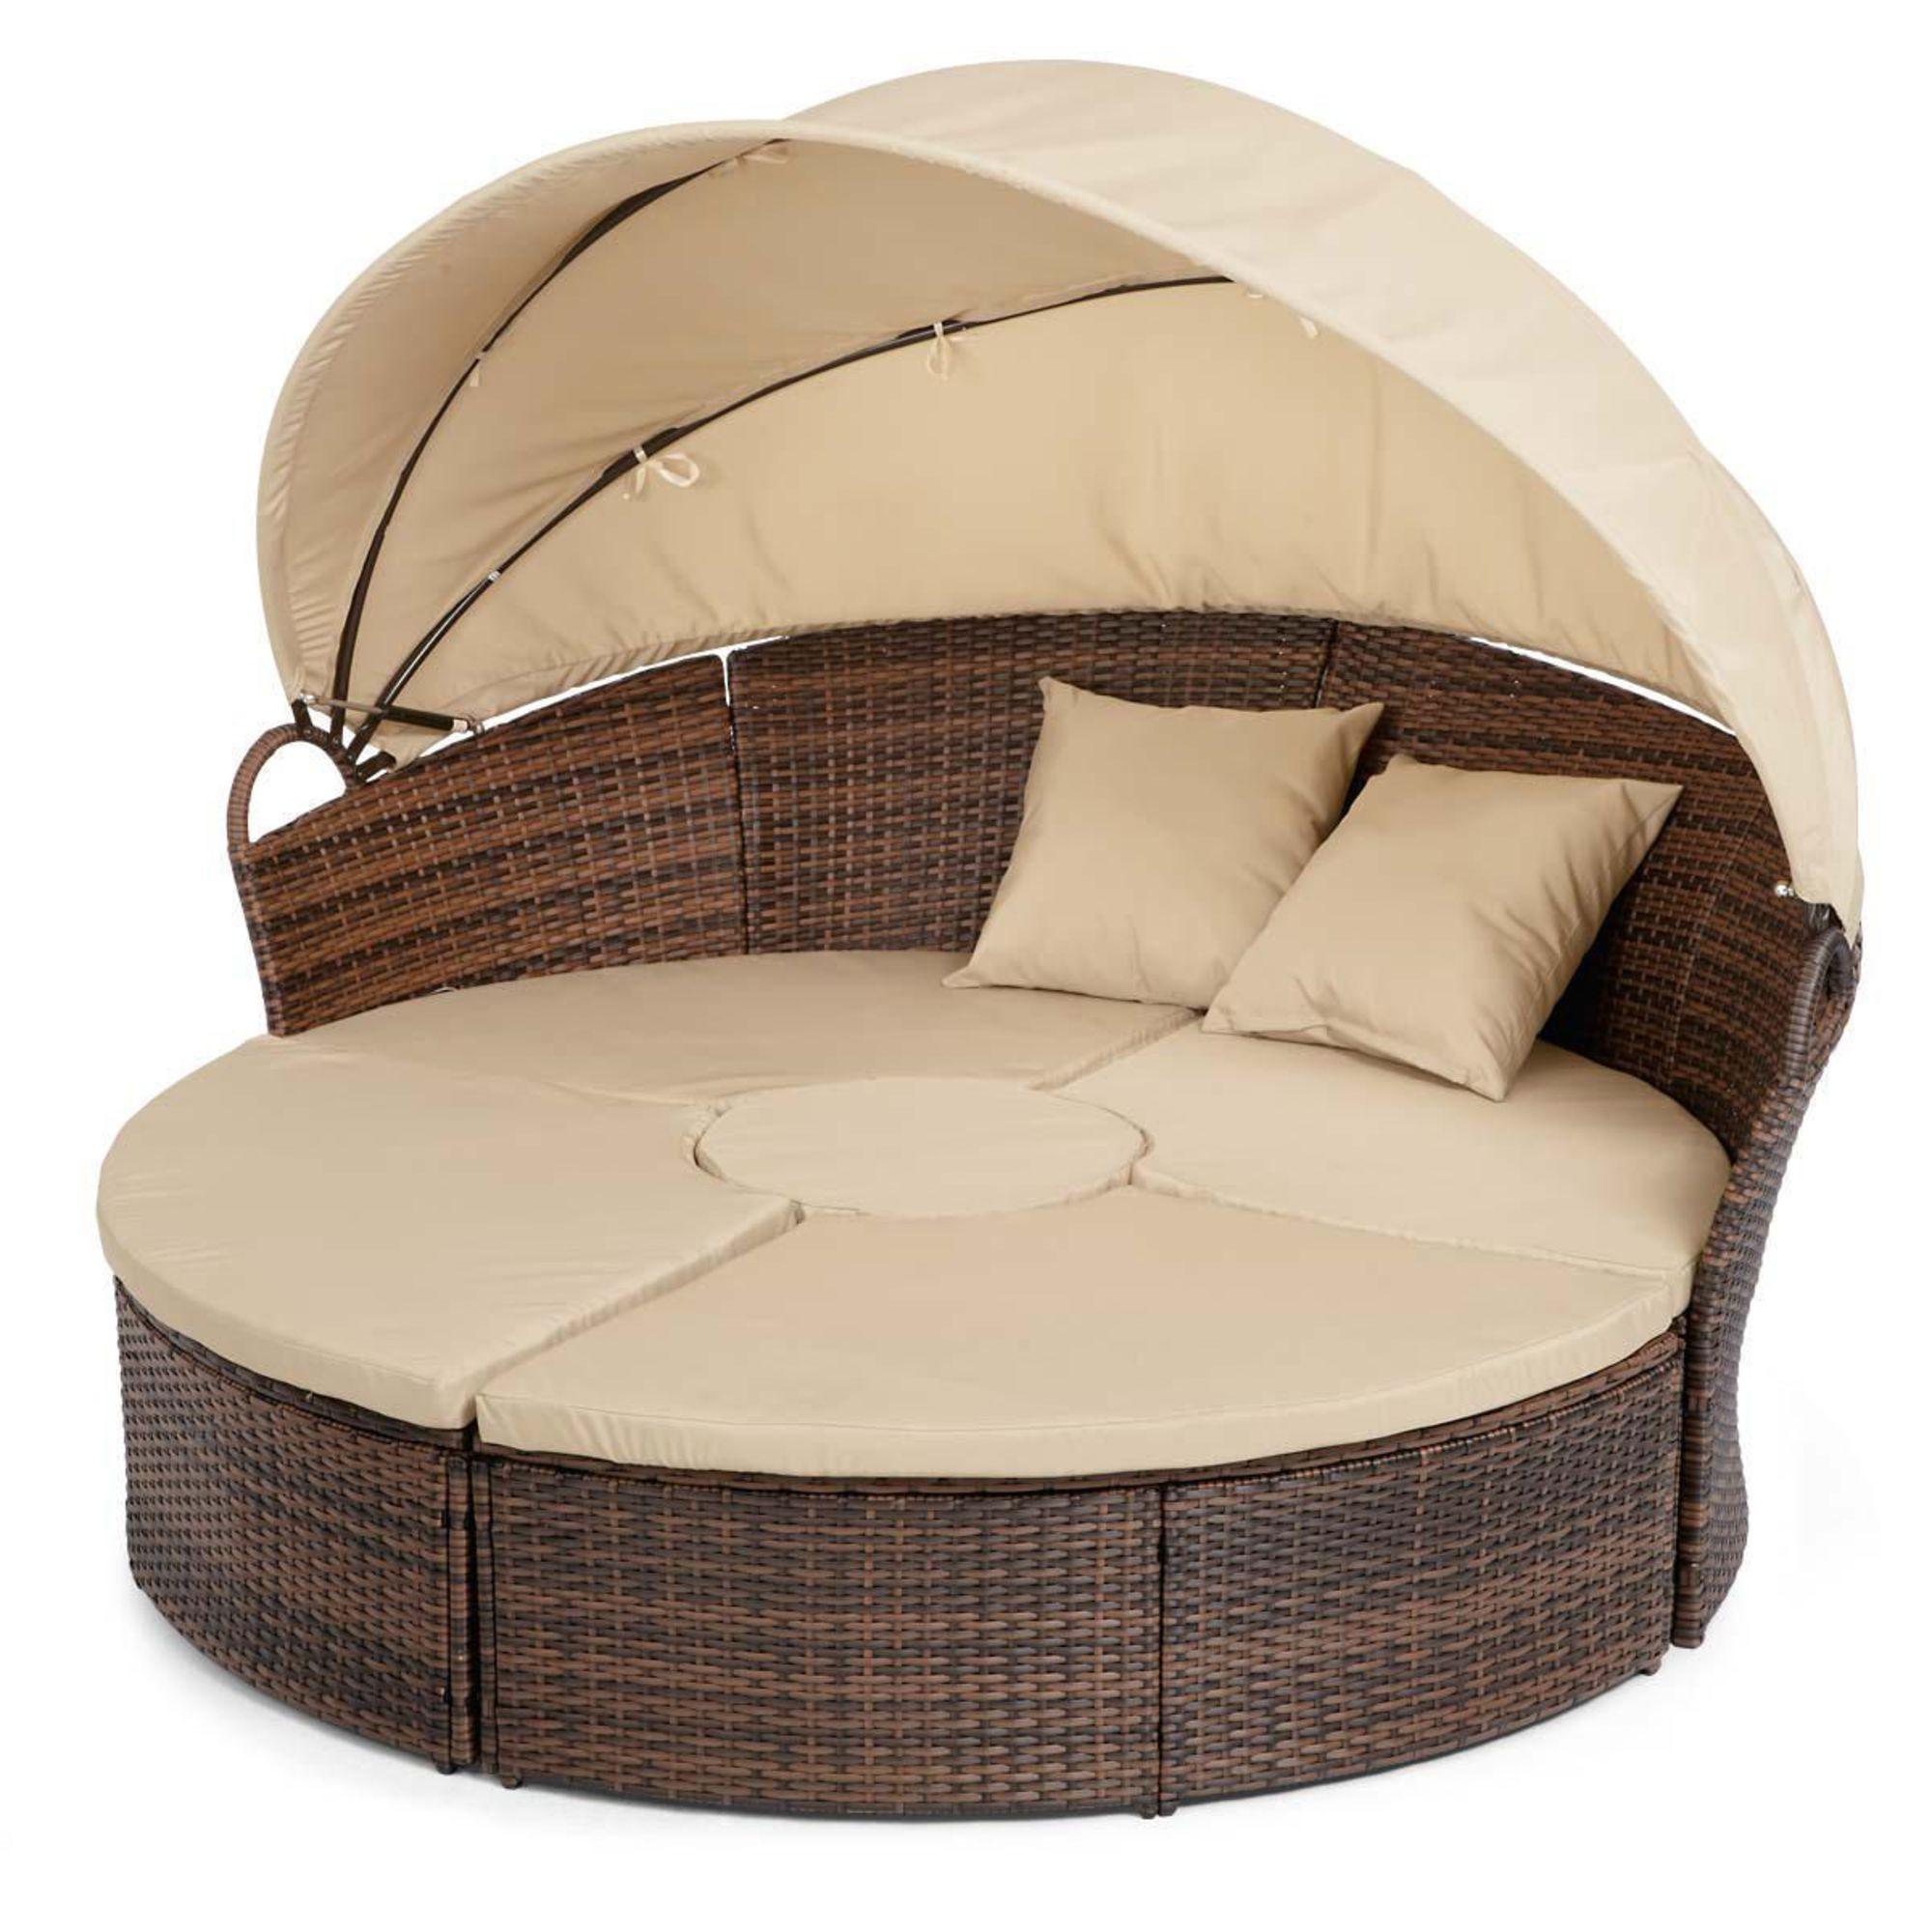 runde sonneninsel sonnenliege mit sonnendach aus rattan in beige braun ebay. Black Bedroom Furniture Sets. Home Design Ideas